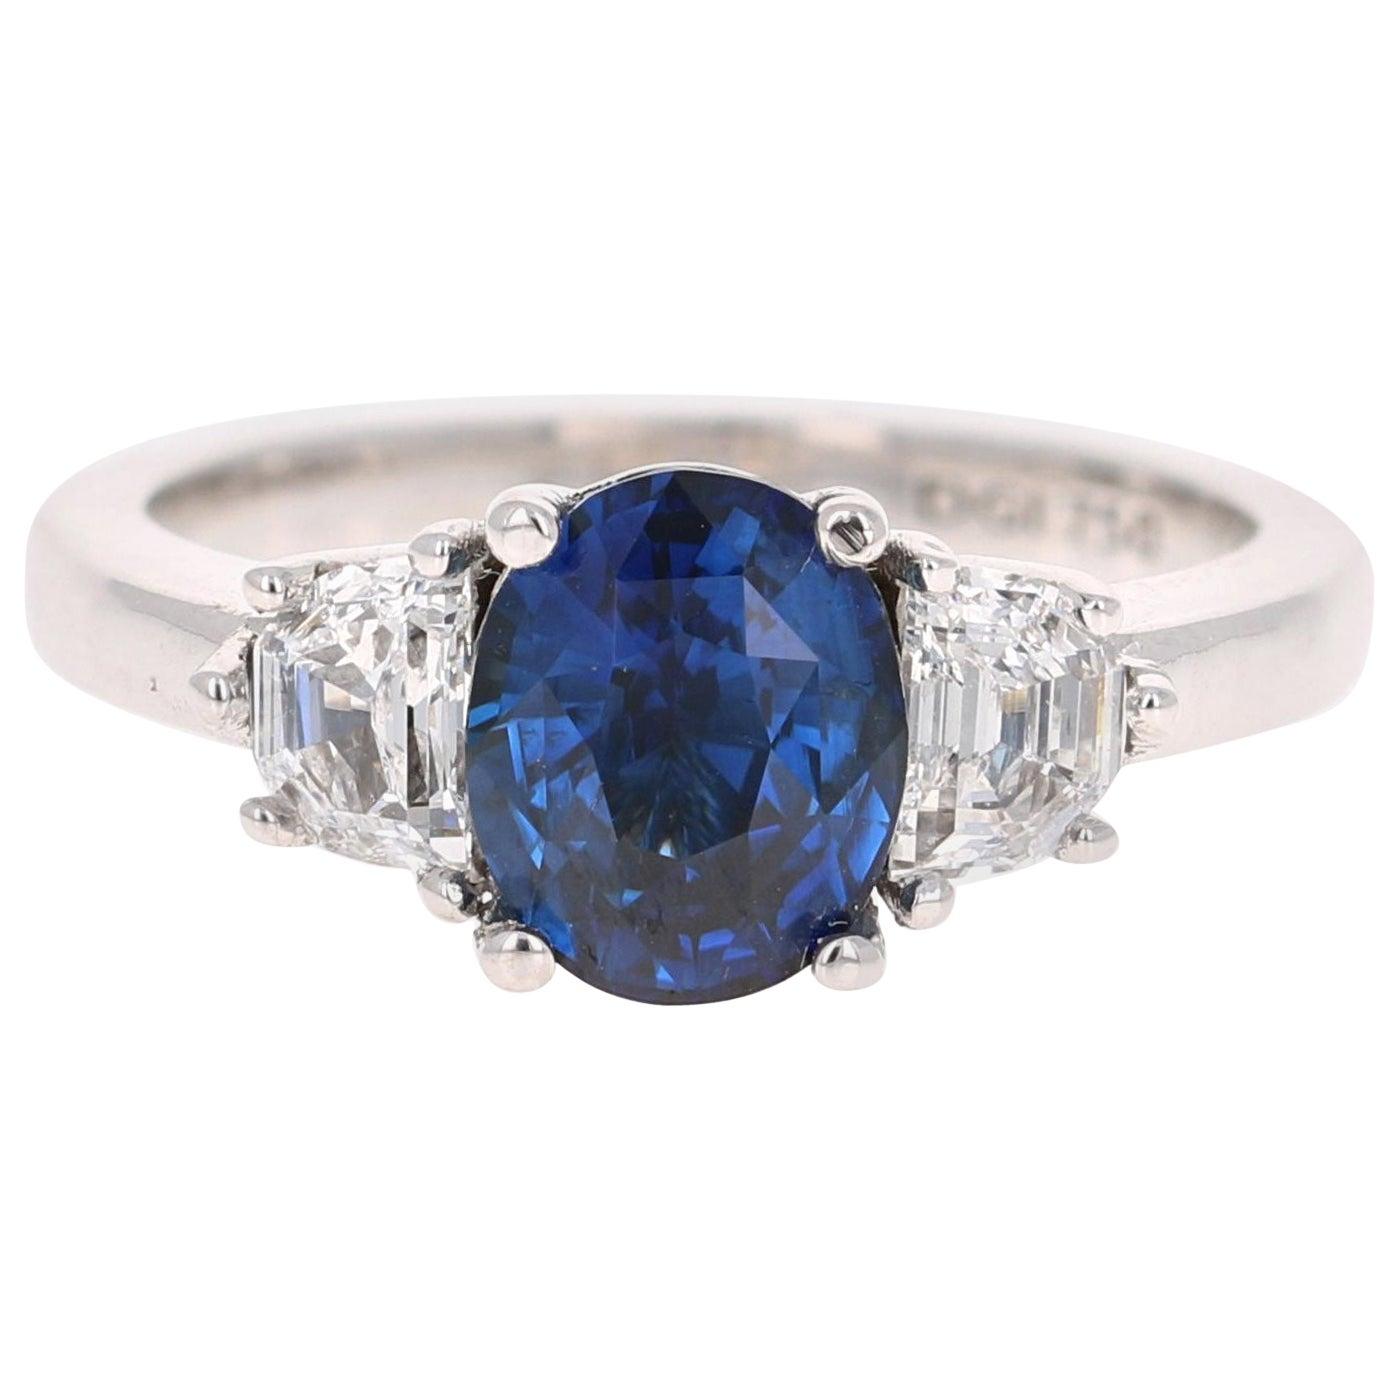 3.09 Carat GIA Certified Sapphire Diamond 18 Karat White Gold Engagement Ring